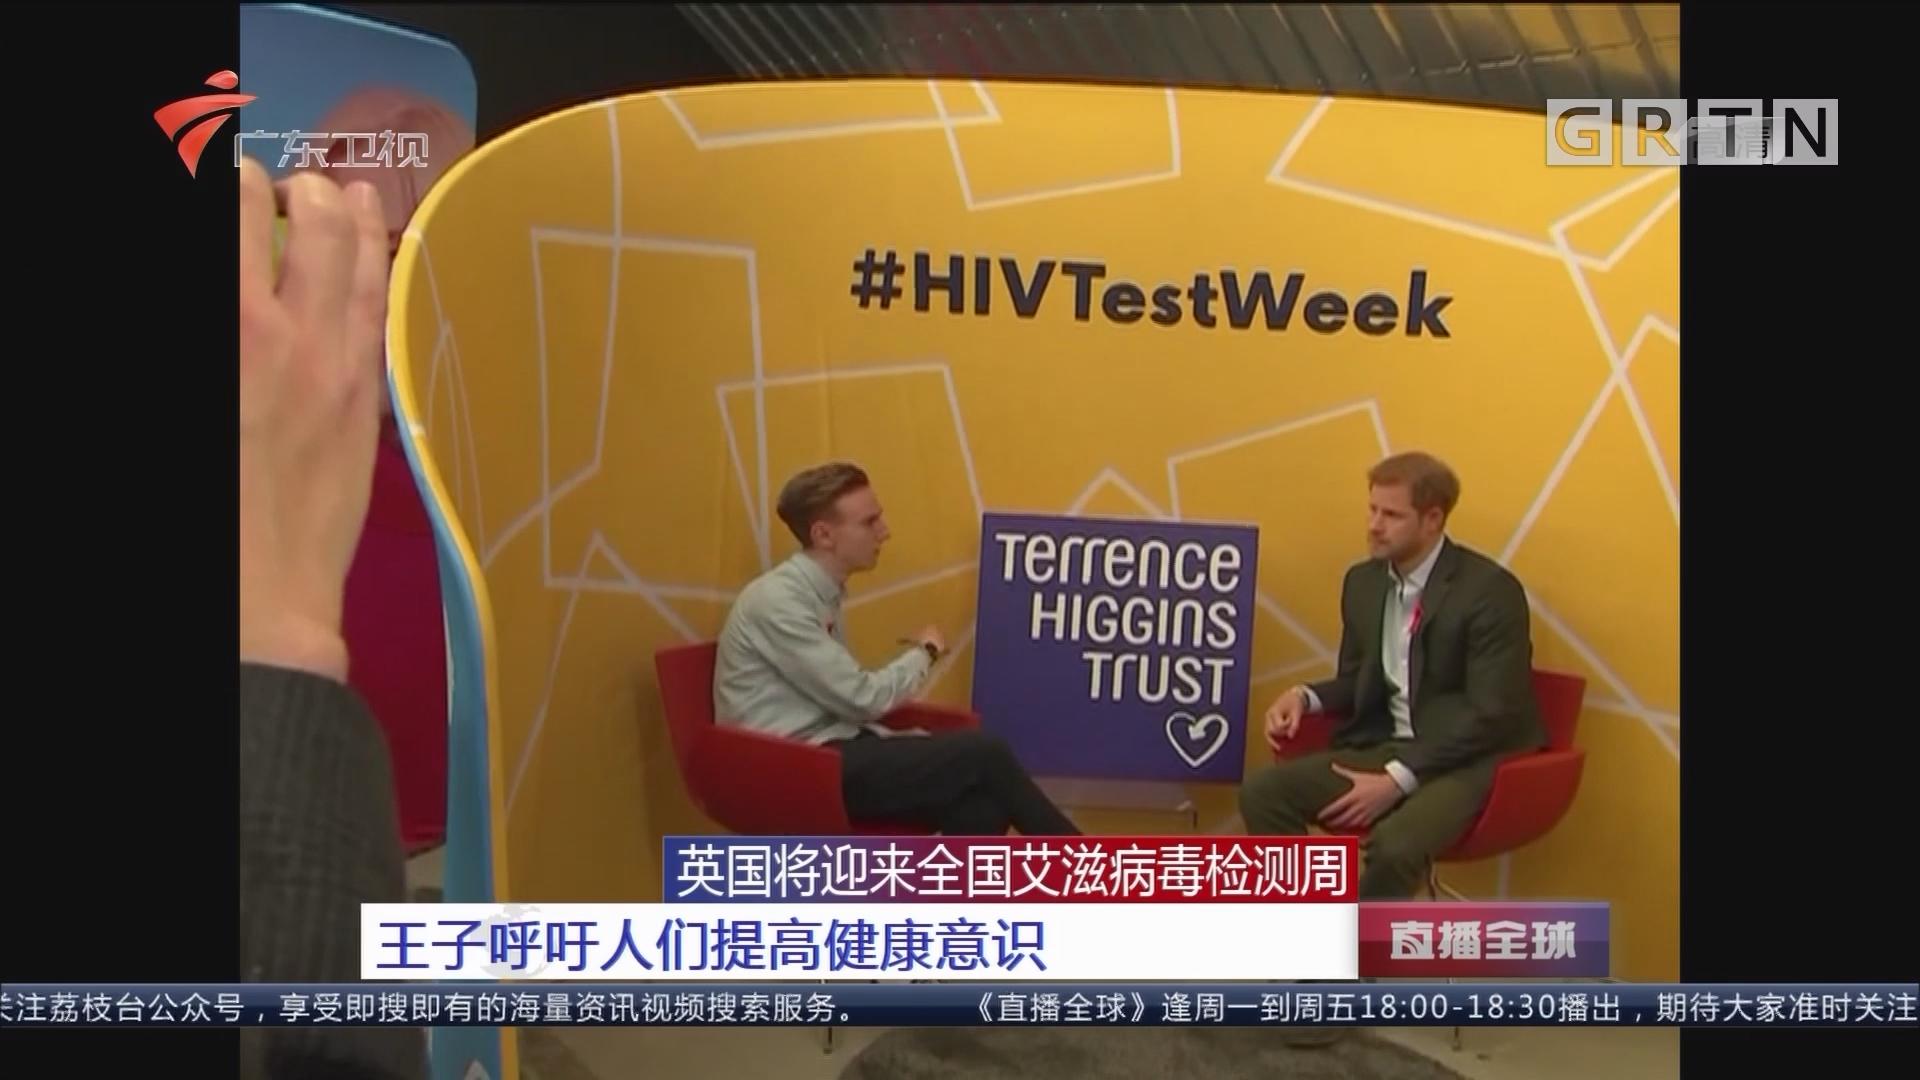 英国将迎来全国艾滋病毒检测周 王子呼吁人们提高健康意识